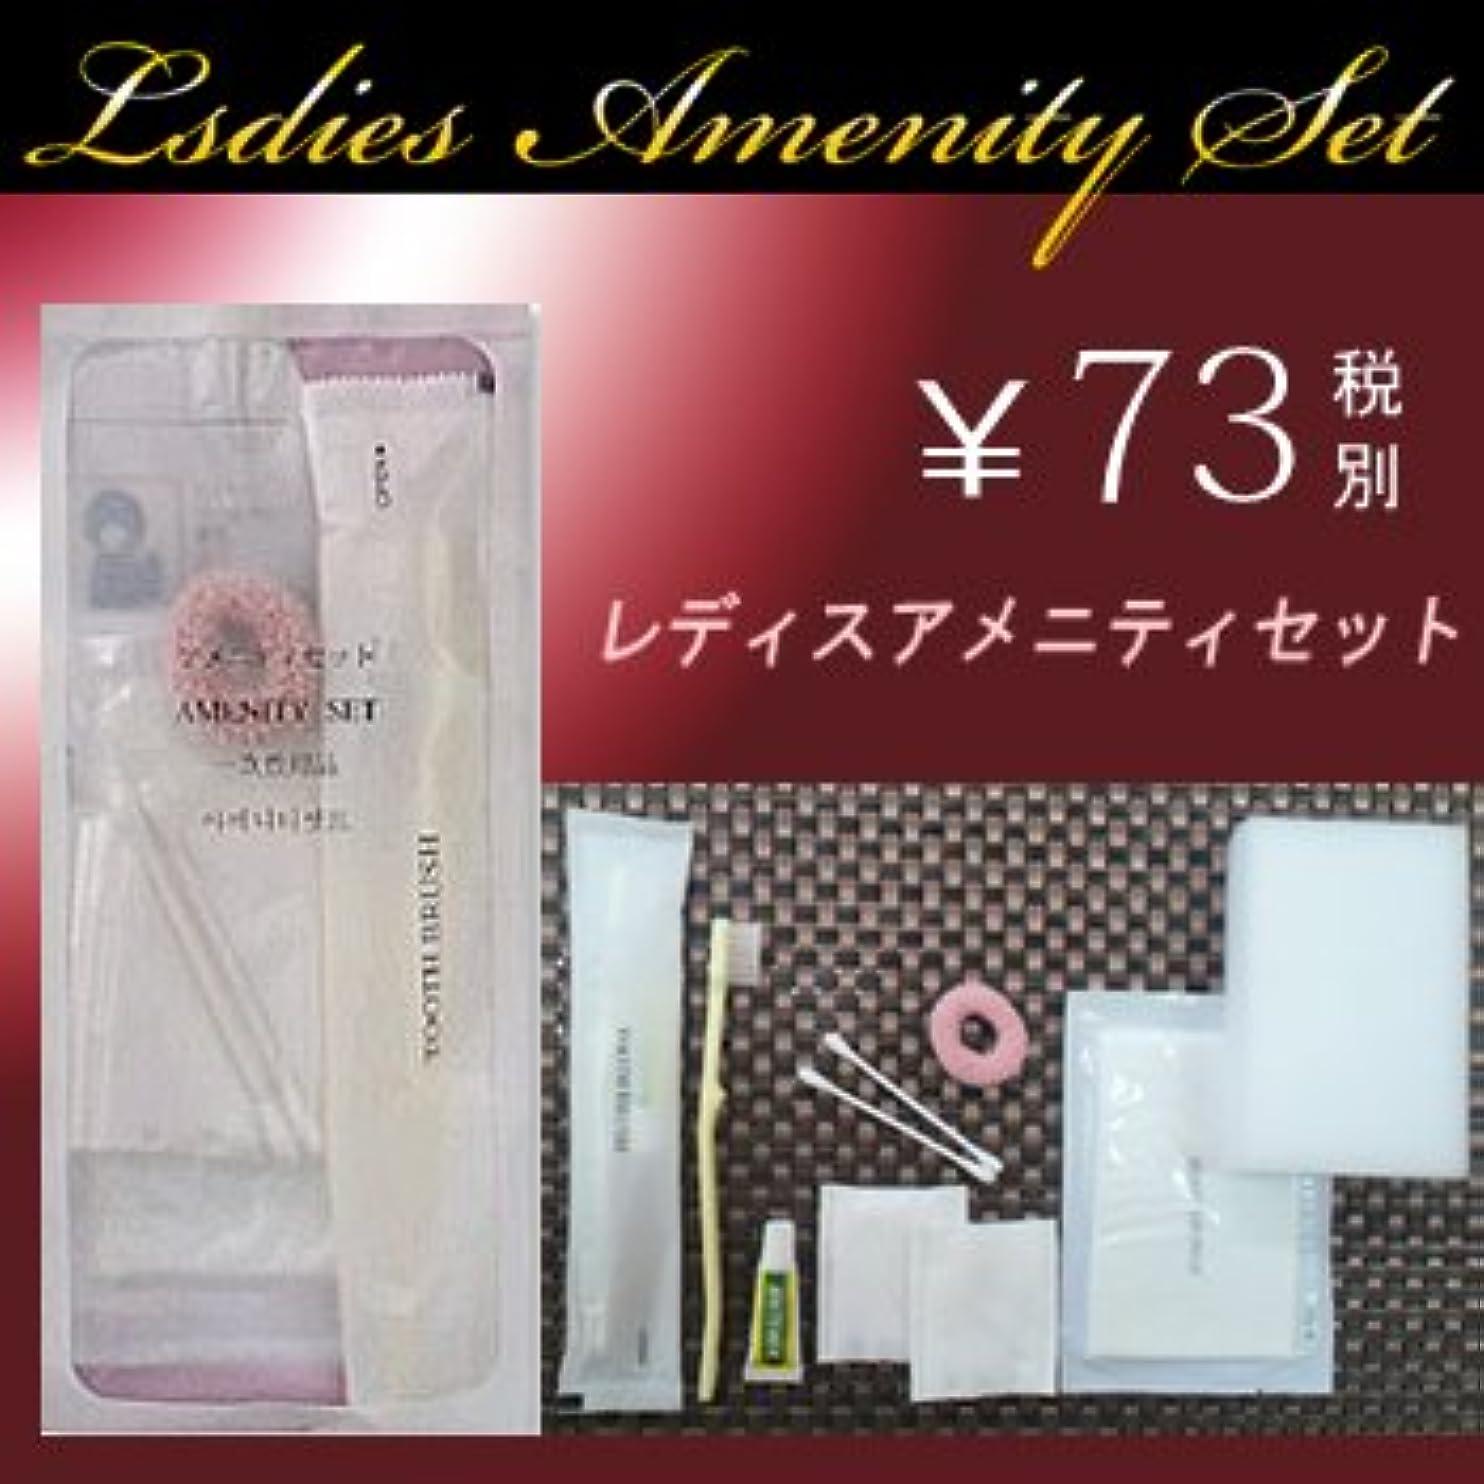 暗黙神秘的なセントレディスアメニティフルセット袋入(1セット300個入)